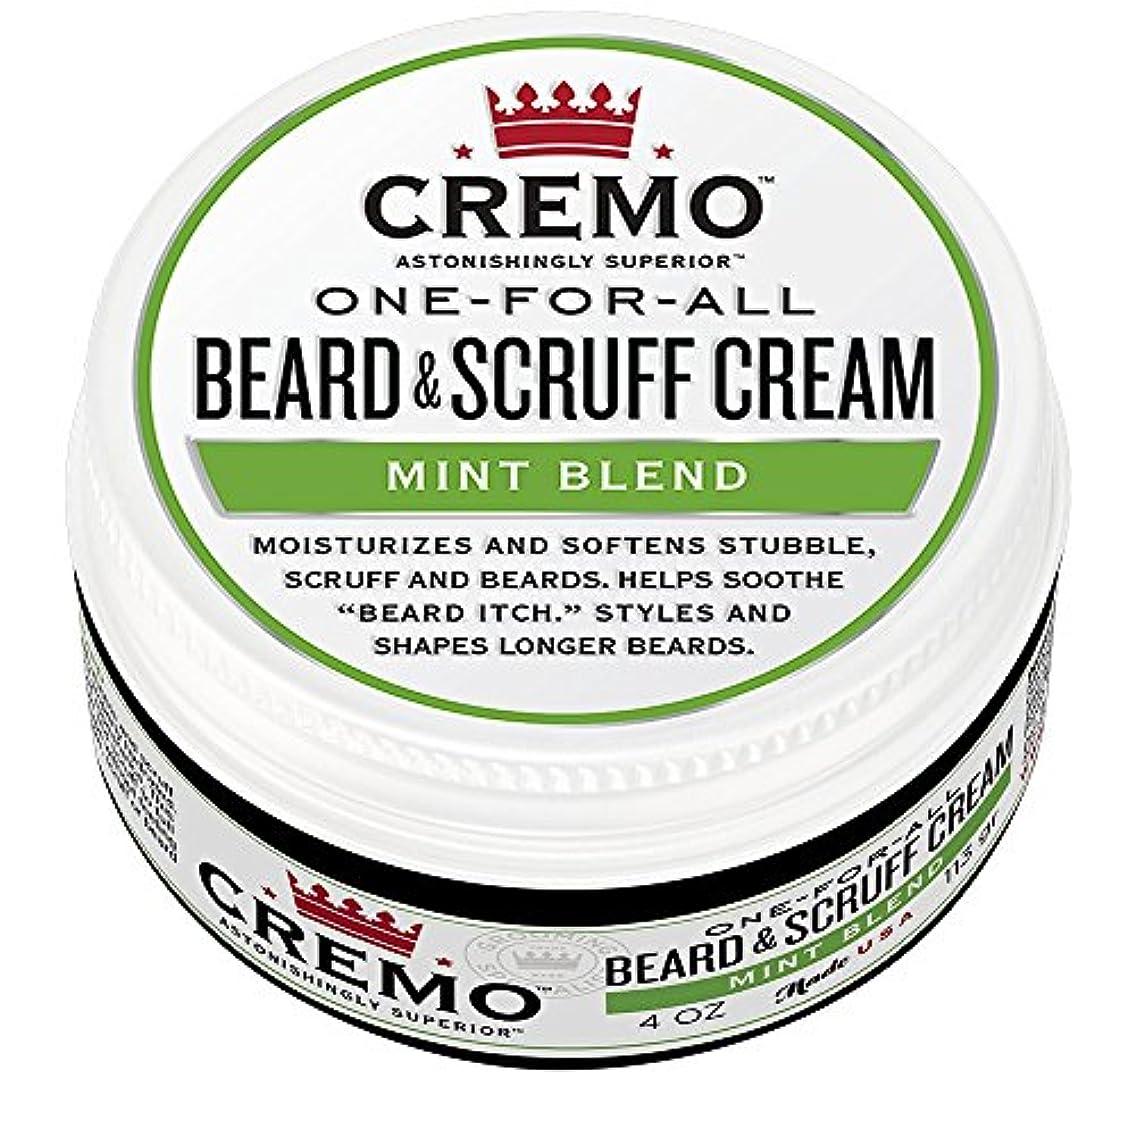 誘発する留め金鏡Cremo ビアード&首筋クリーム、ミントのブレンドの香り、潤い、スタイルとひげのすべての長さについてはビアードかゆみを軽減し、4オンスをブレンド、包装は変更になる場合があります